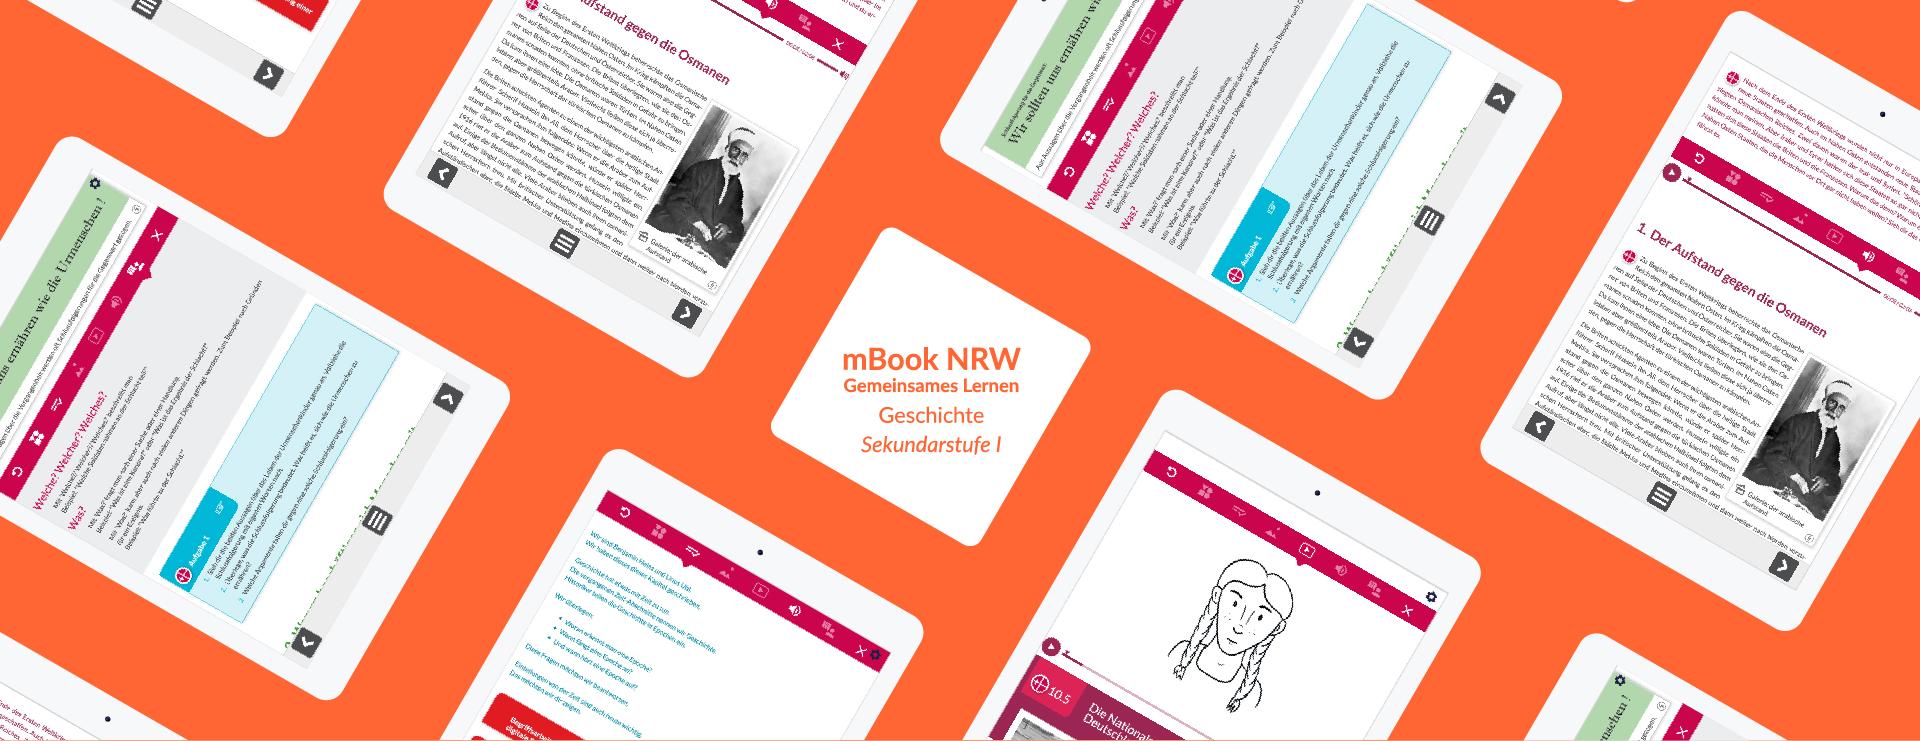 mBook NRW Geschichte Sekundarstufe 1 Header; Institut für digitales Lernen